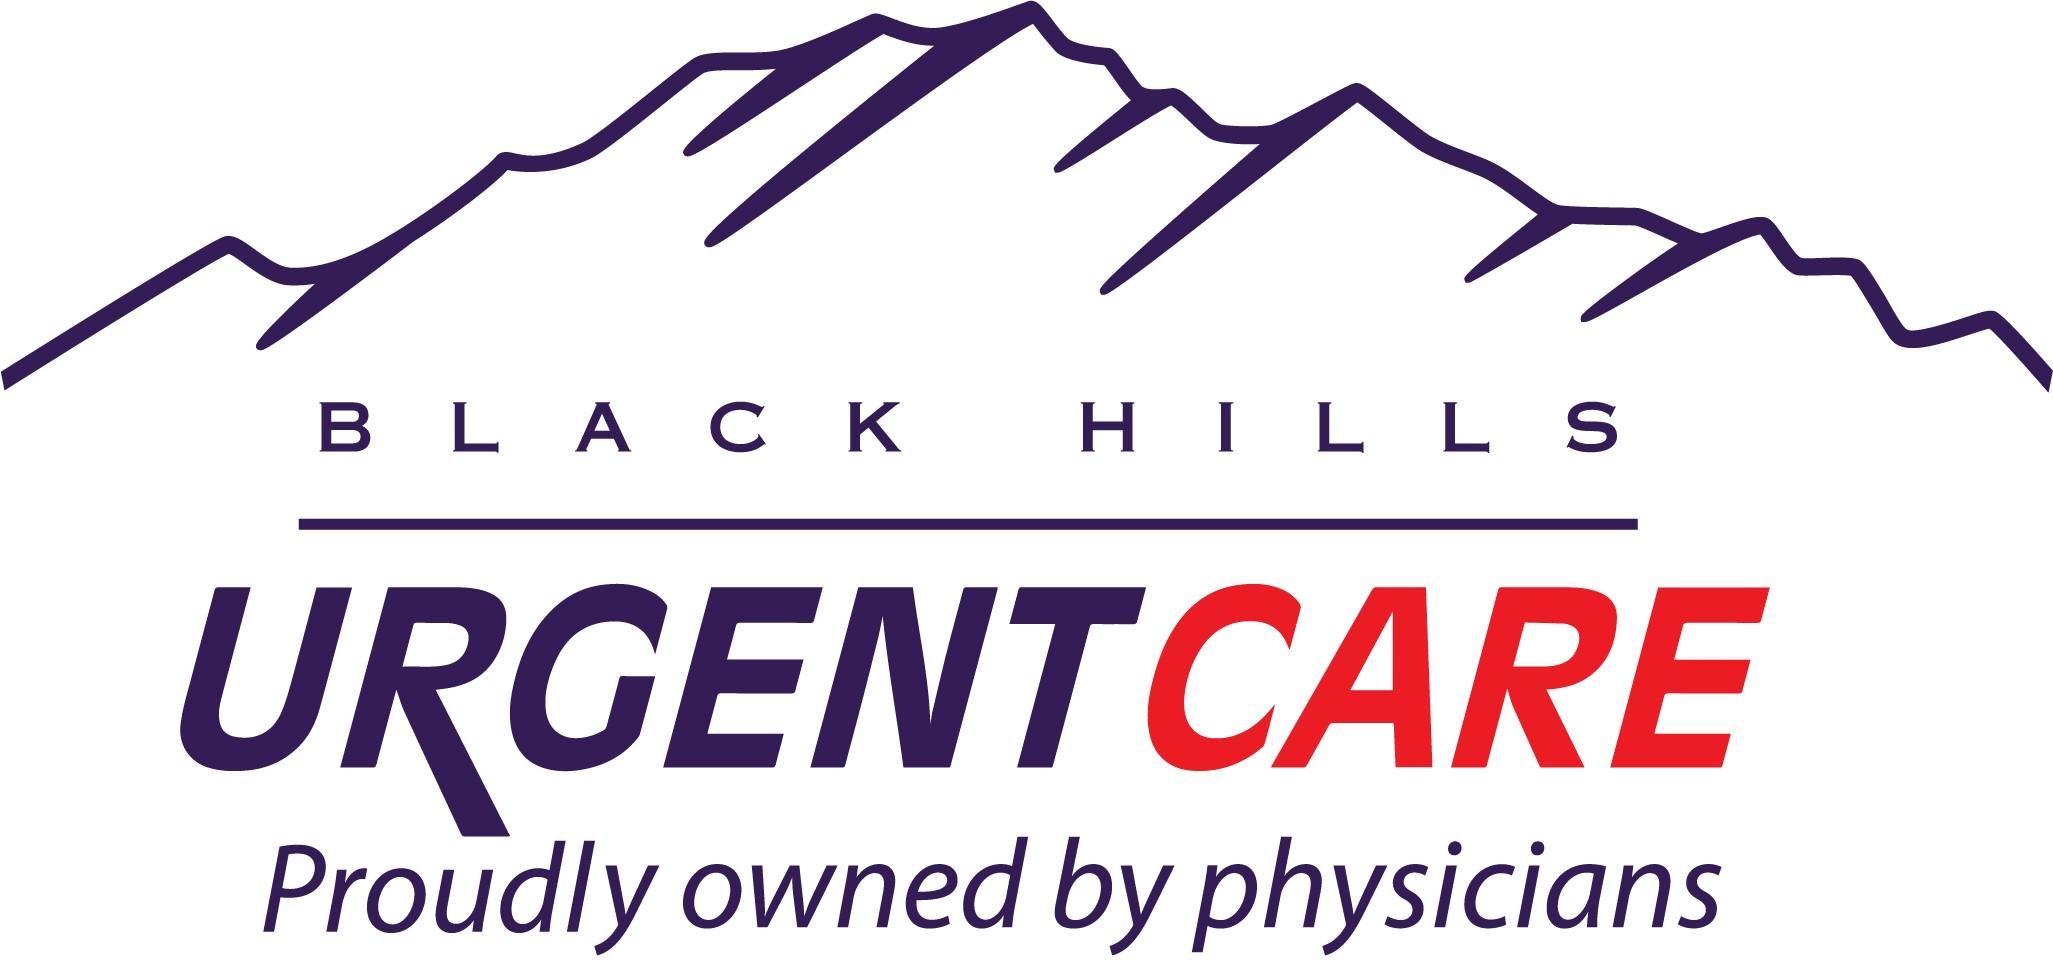 Urgentcare logo